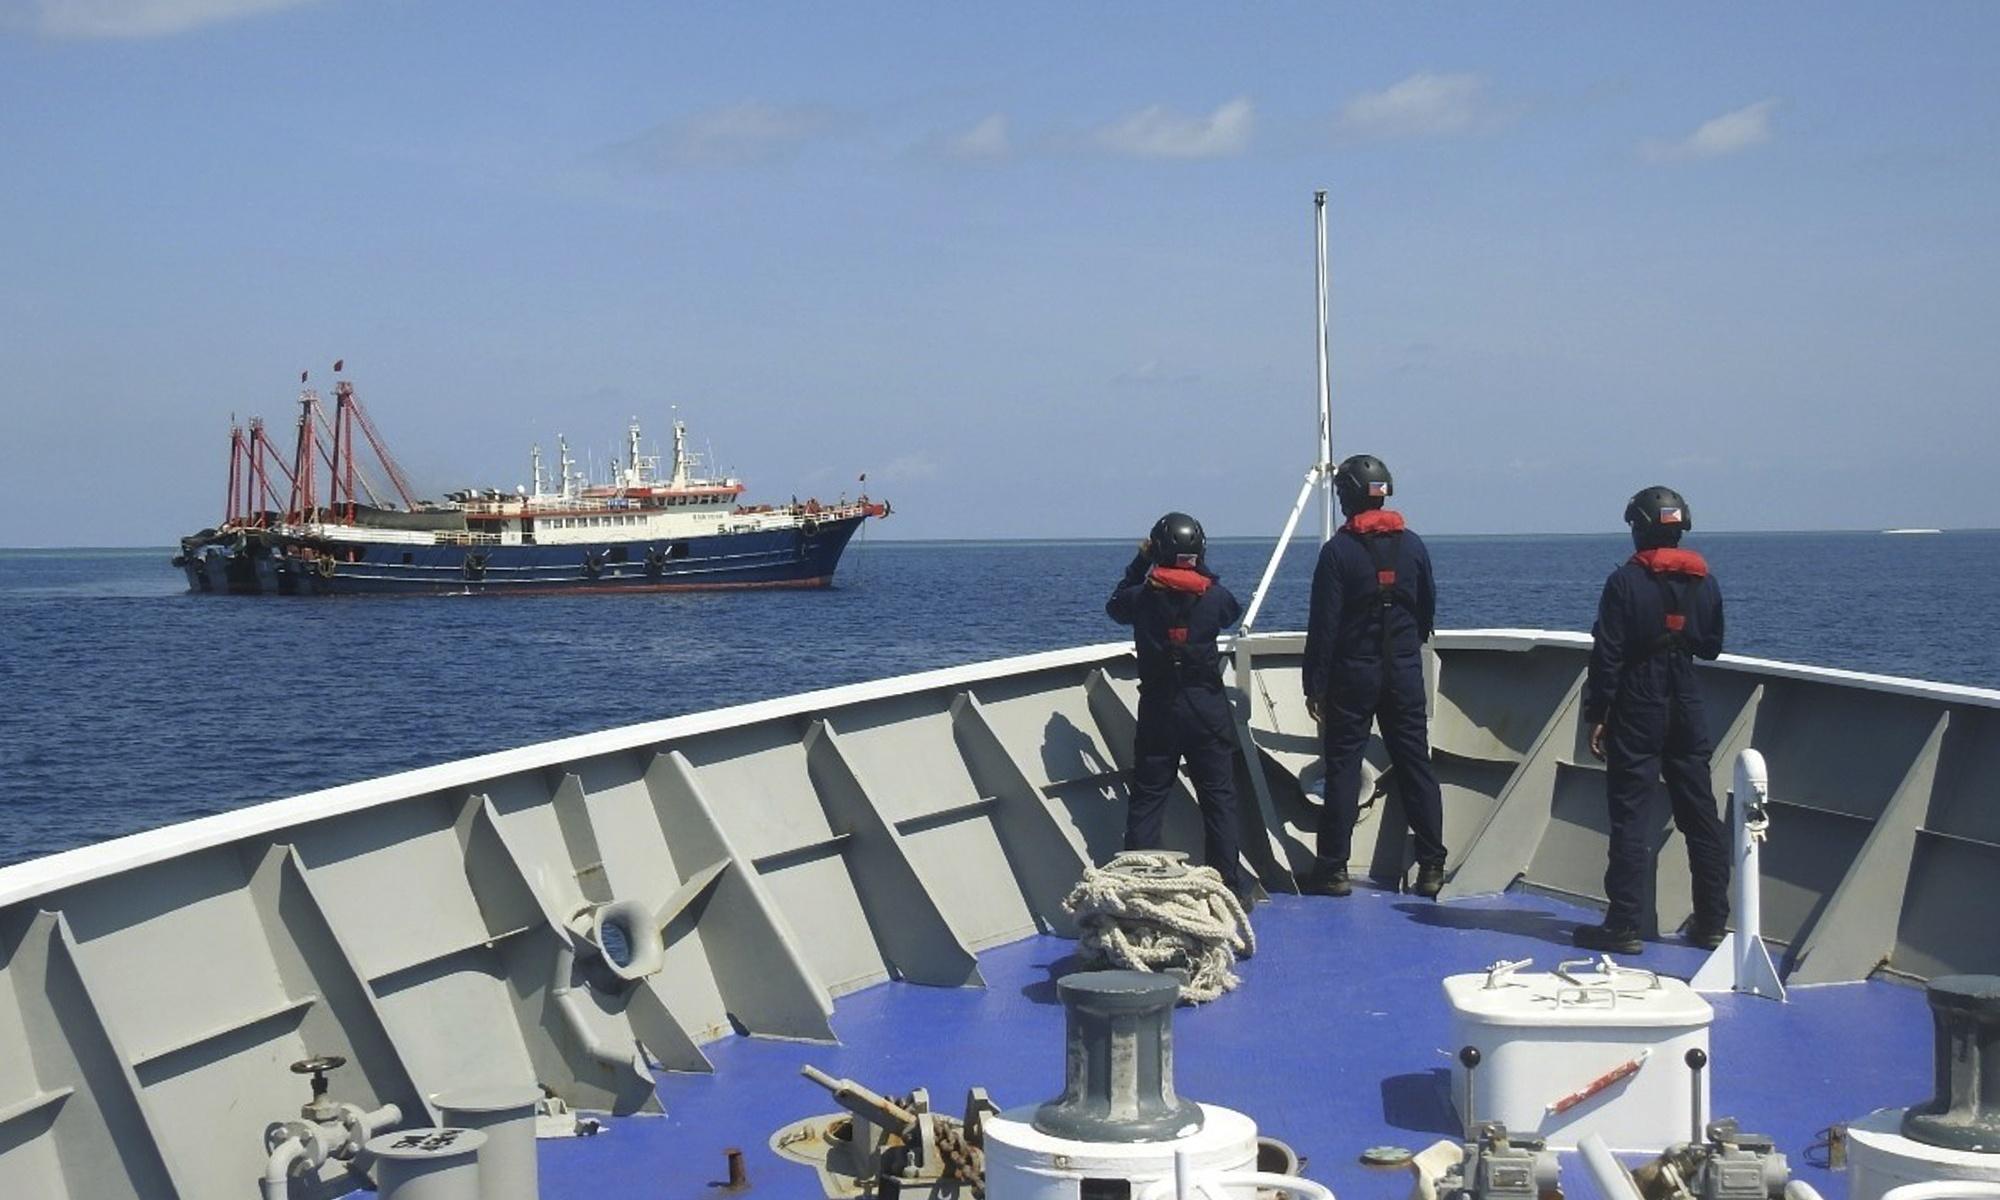 Tuần duyên Philippines theo dõi tàu cá nghi thuộc lực lượng dân quân biển Trung Quốc trên Biển Đông vào tháng 4. Ảnh: AP.